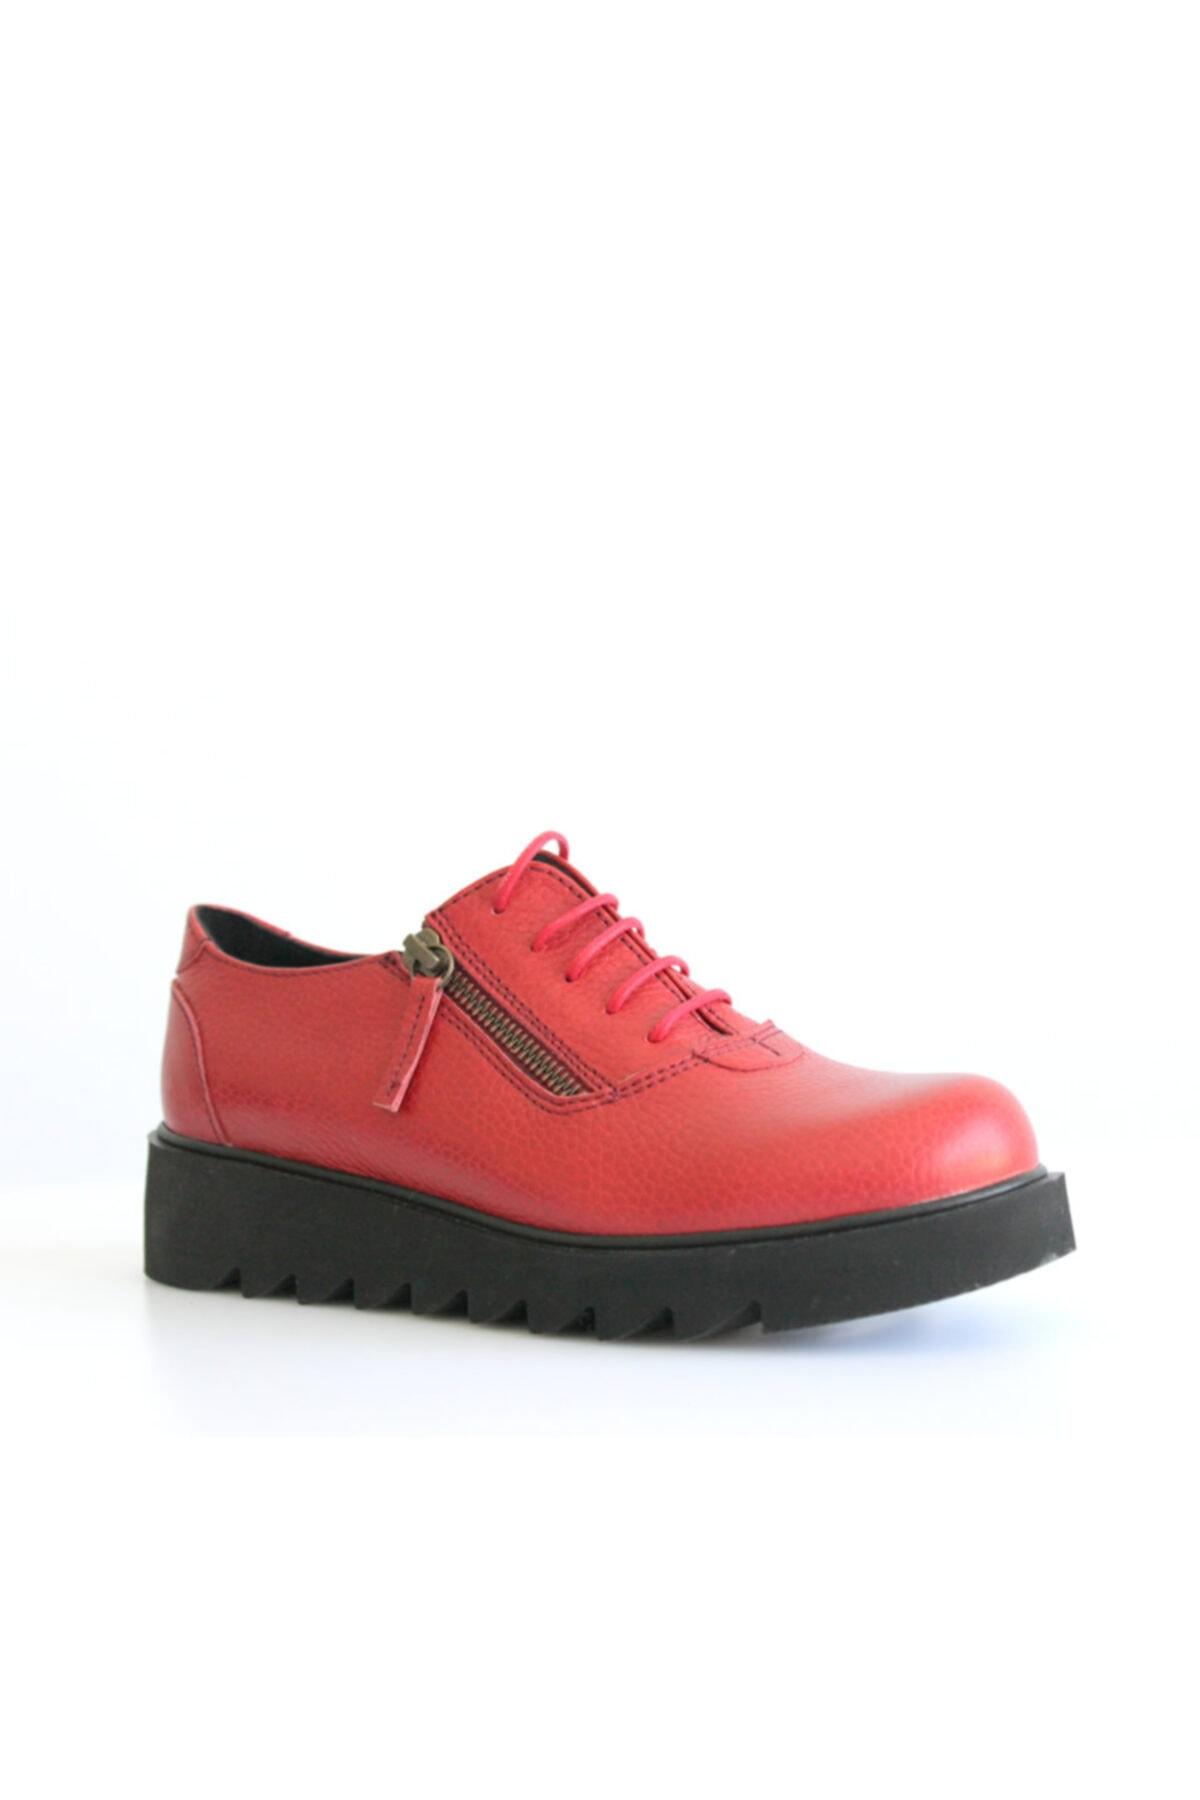 Beta Shoes Günlük Ayakkabı Hakiki Deri Kadın Kırmızı 1